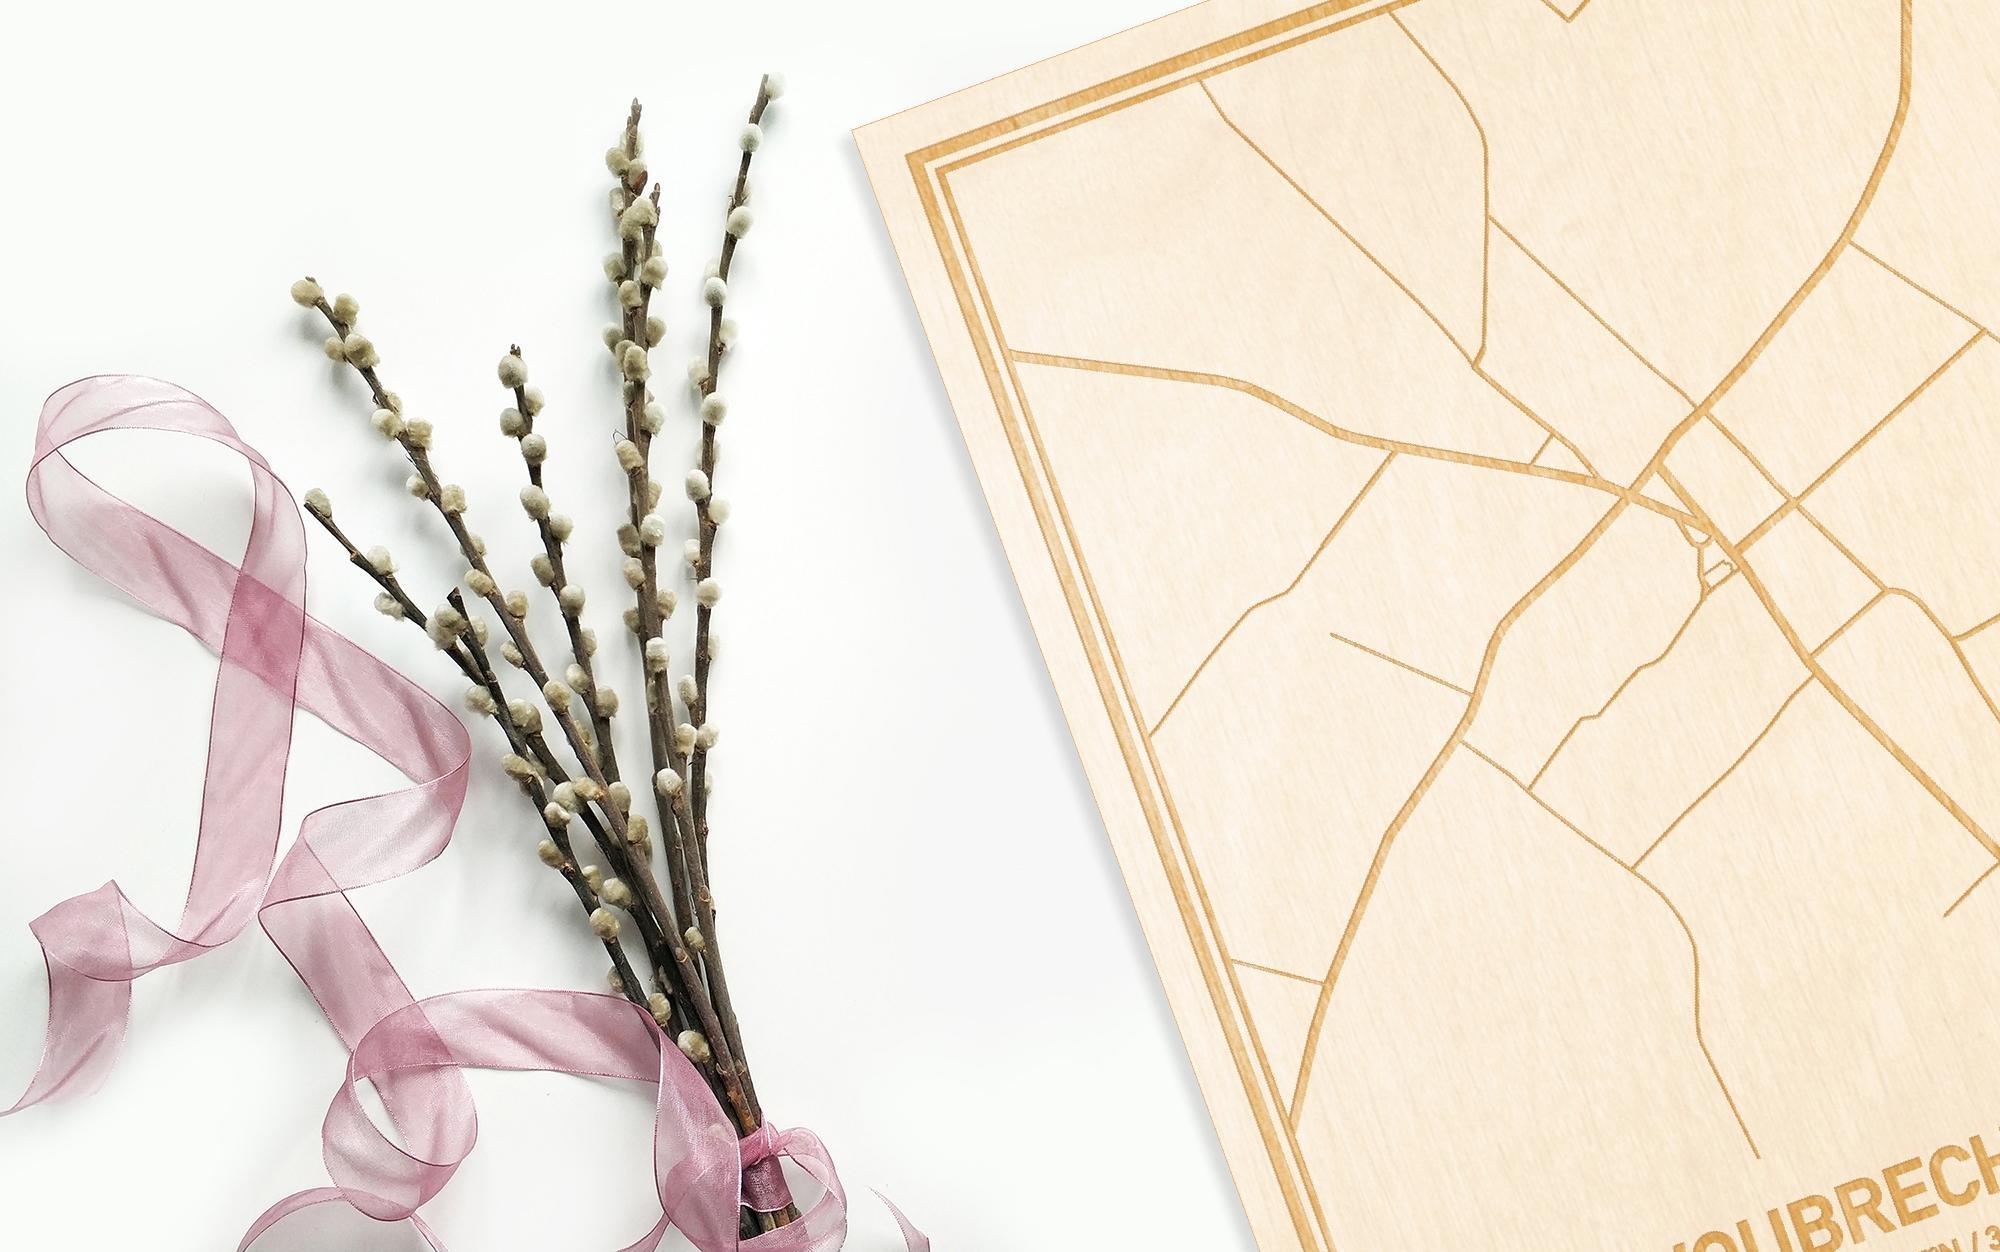 Hier ligt de houten plattegrond Woubrechtegem naast een bloemetje als gepersonaliseerd cadeau voor haar.